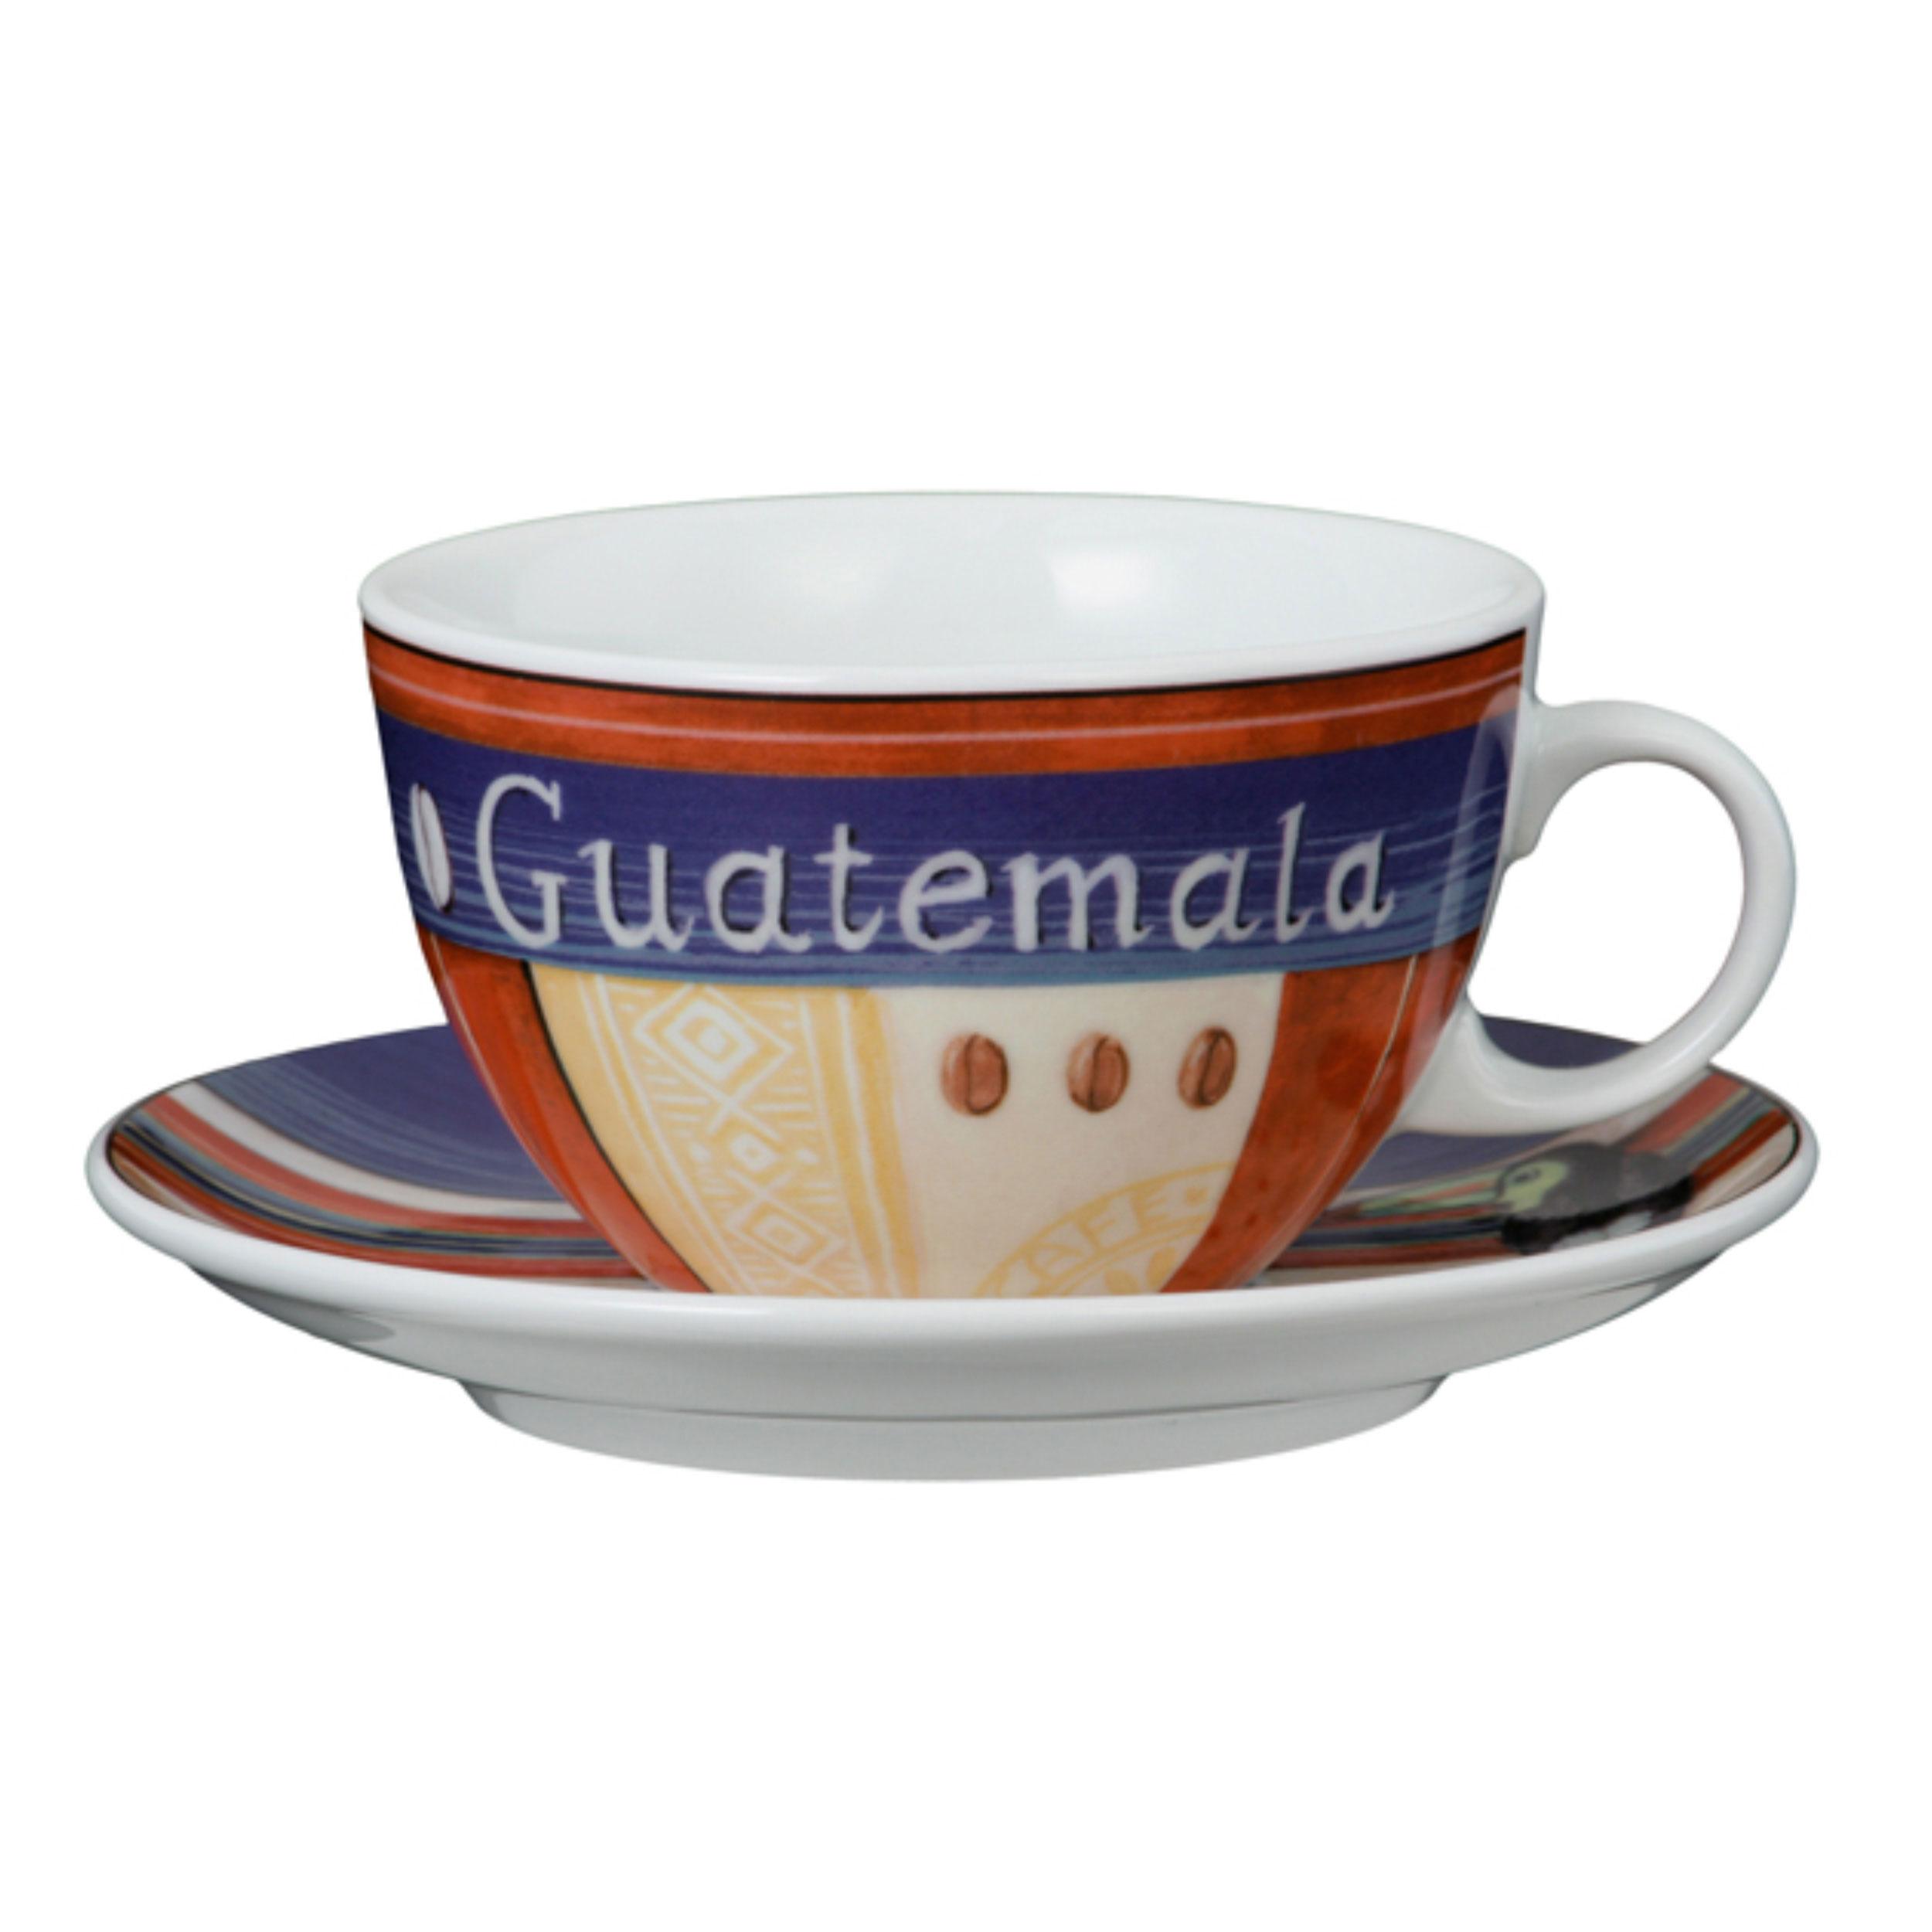 Seltmann Weiden Vip Cup With Saucer Coffee Amp Tea Mug